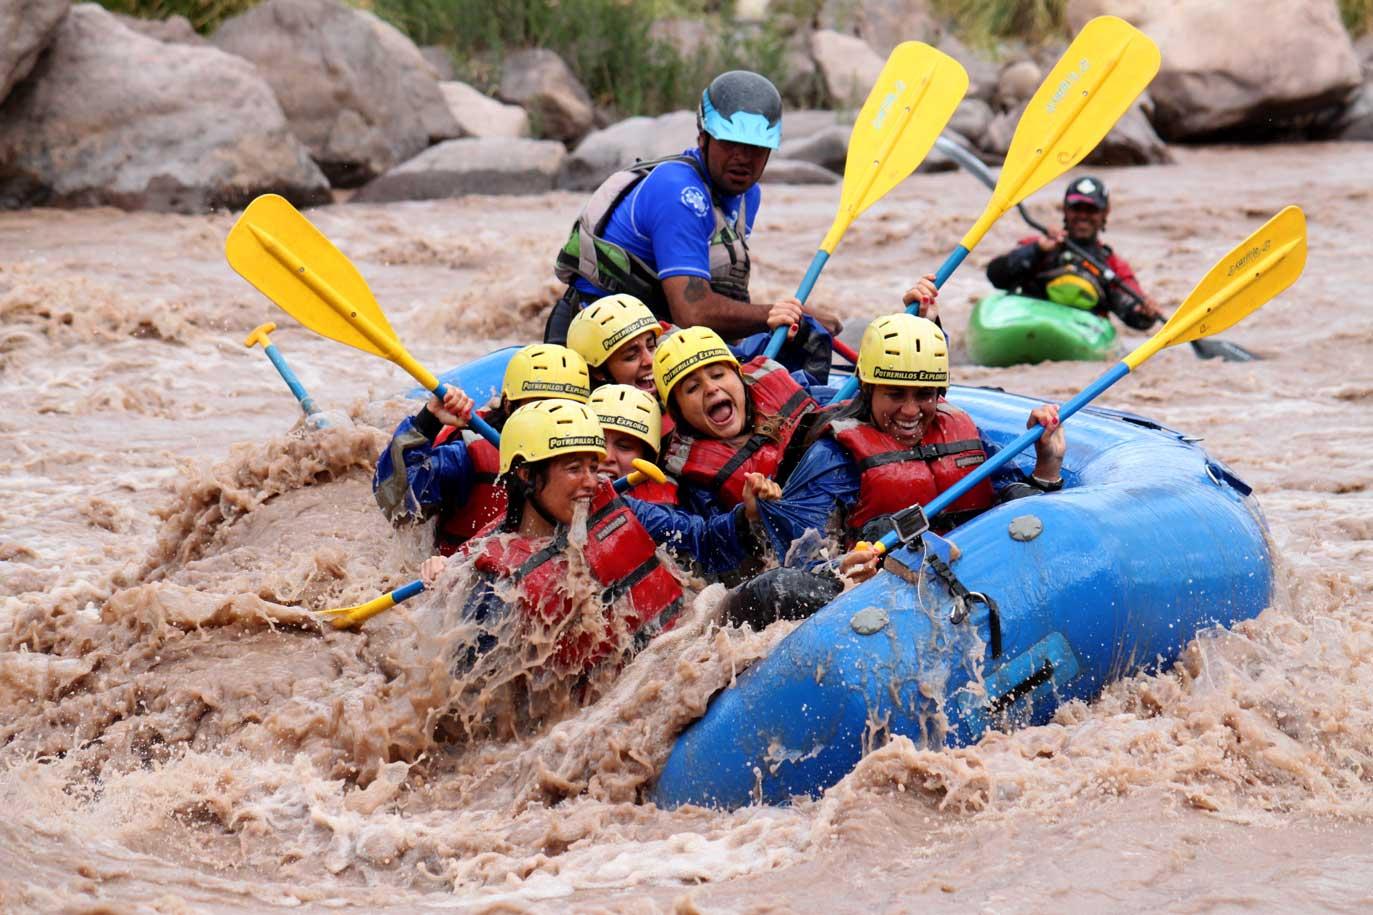 Algunos sectores del río Mendoza son realmente turbulentos.